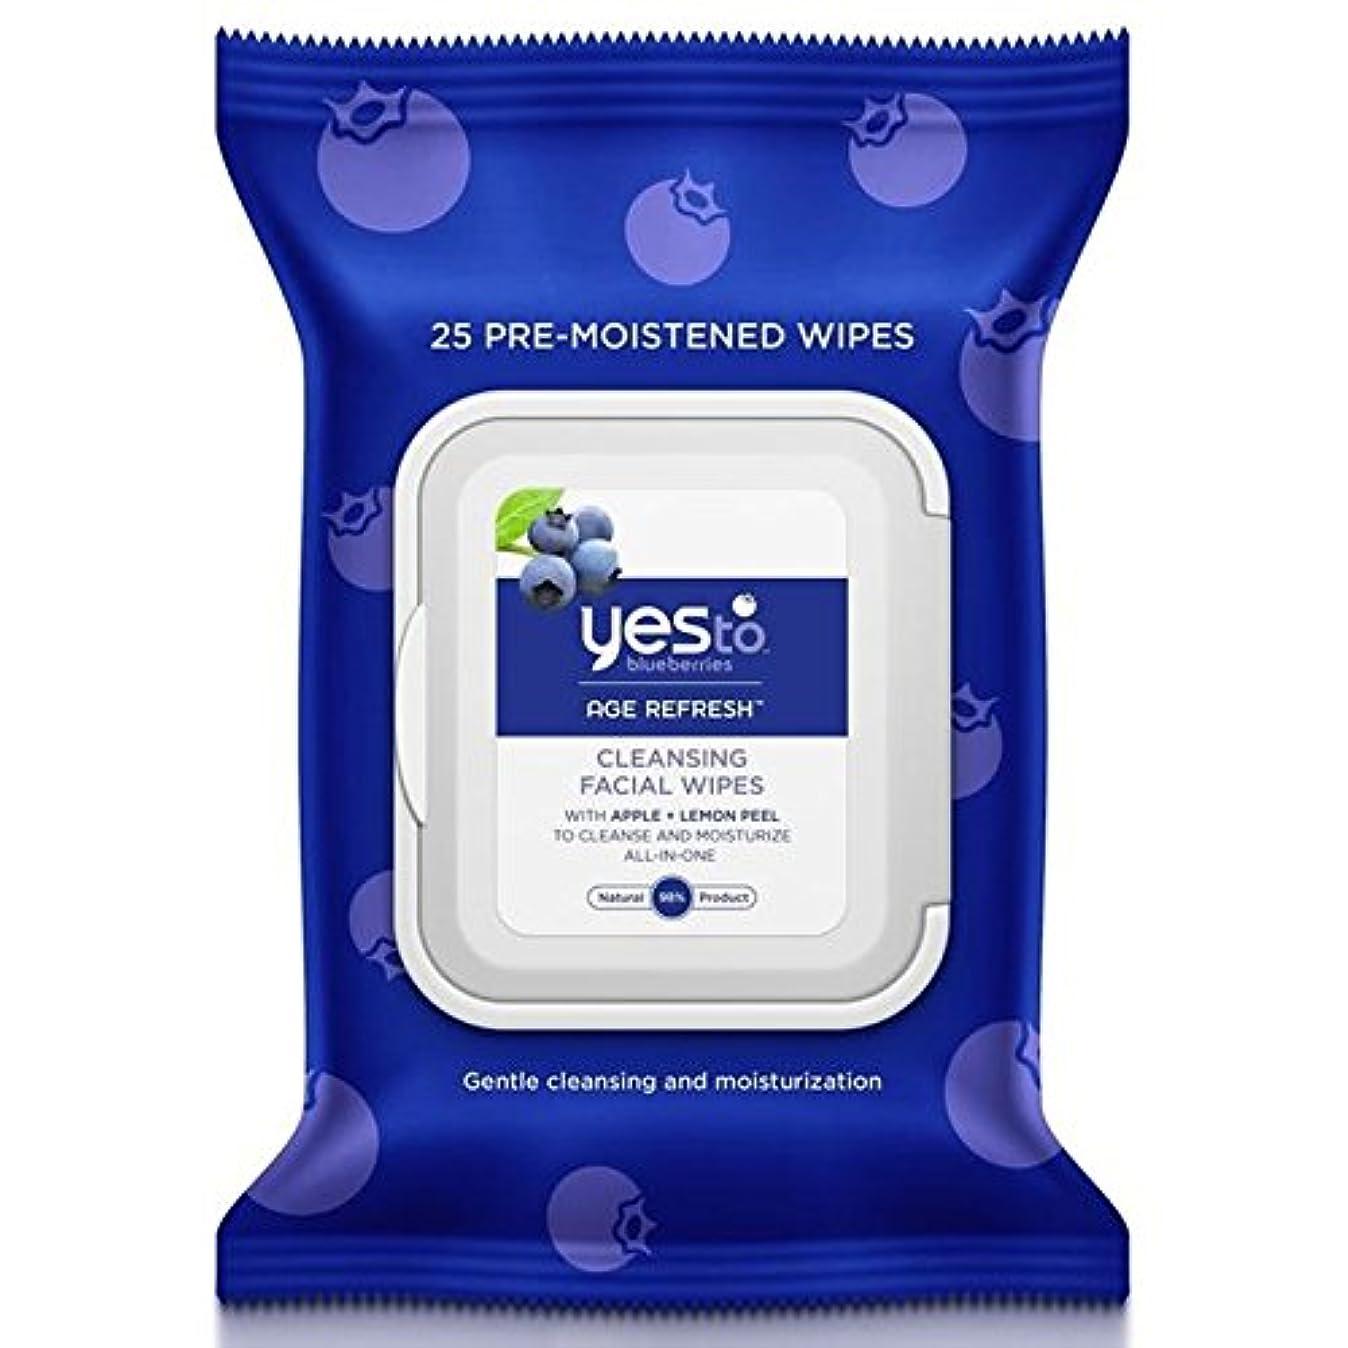 サークルボルト冒険Yes to Blueberries Wipes 25 per pack - はいブルーベリーにパックあたり25ワイプ [並行輸入品]